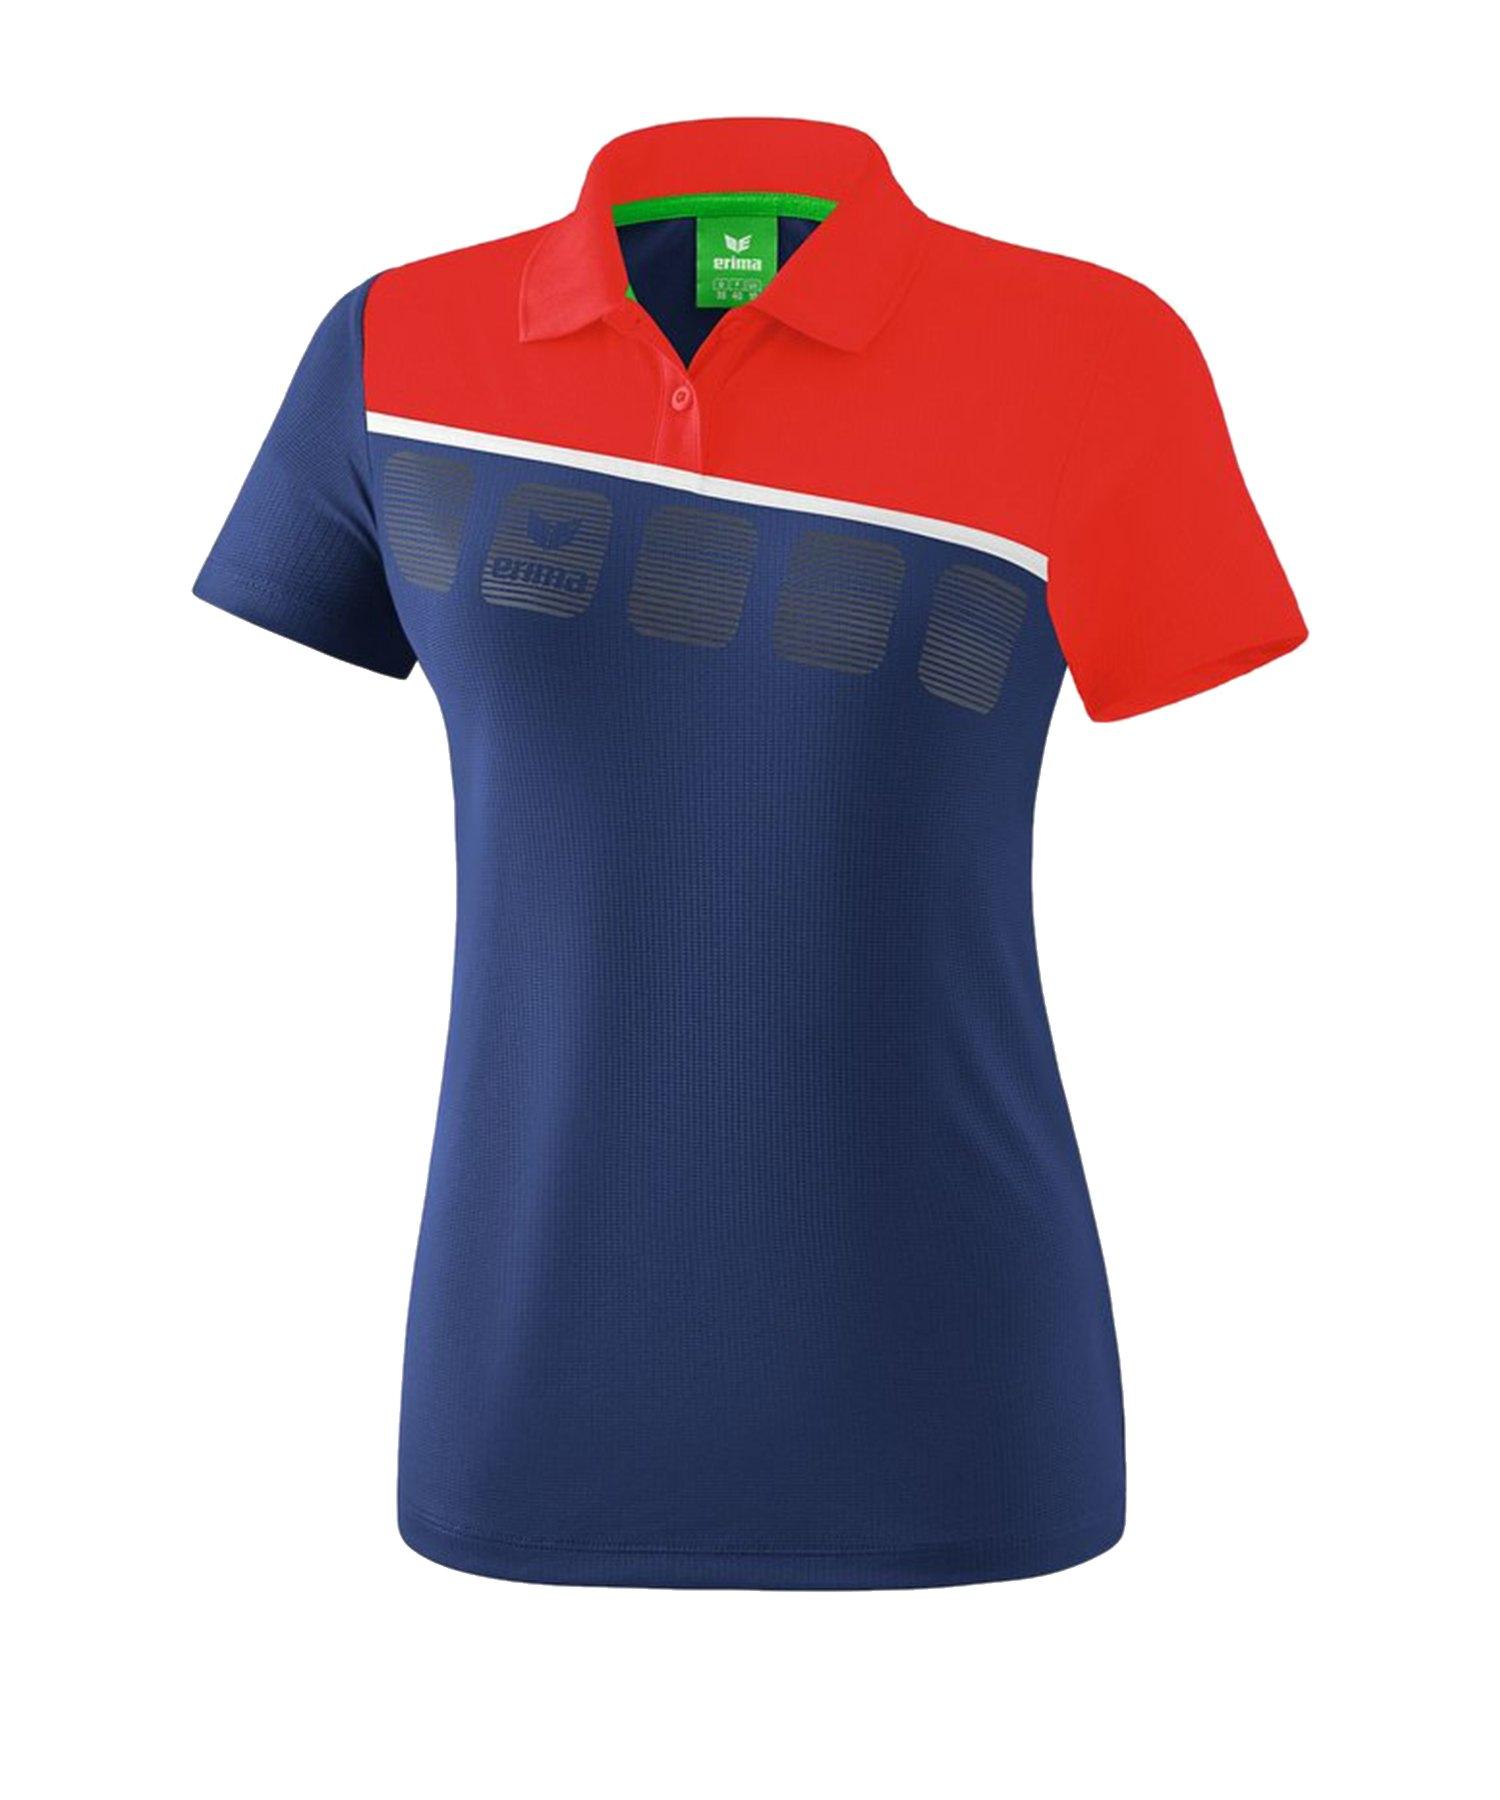 Erima 5-C Poloshirt Damen Blau Rot - Blau